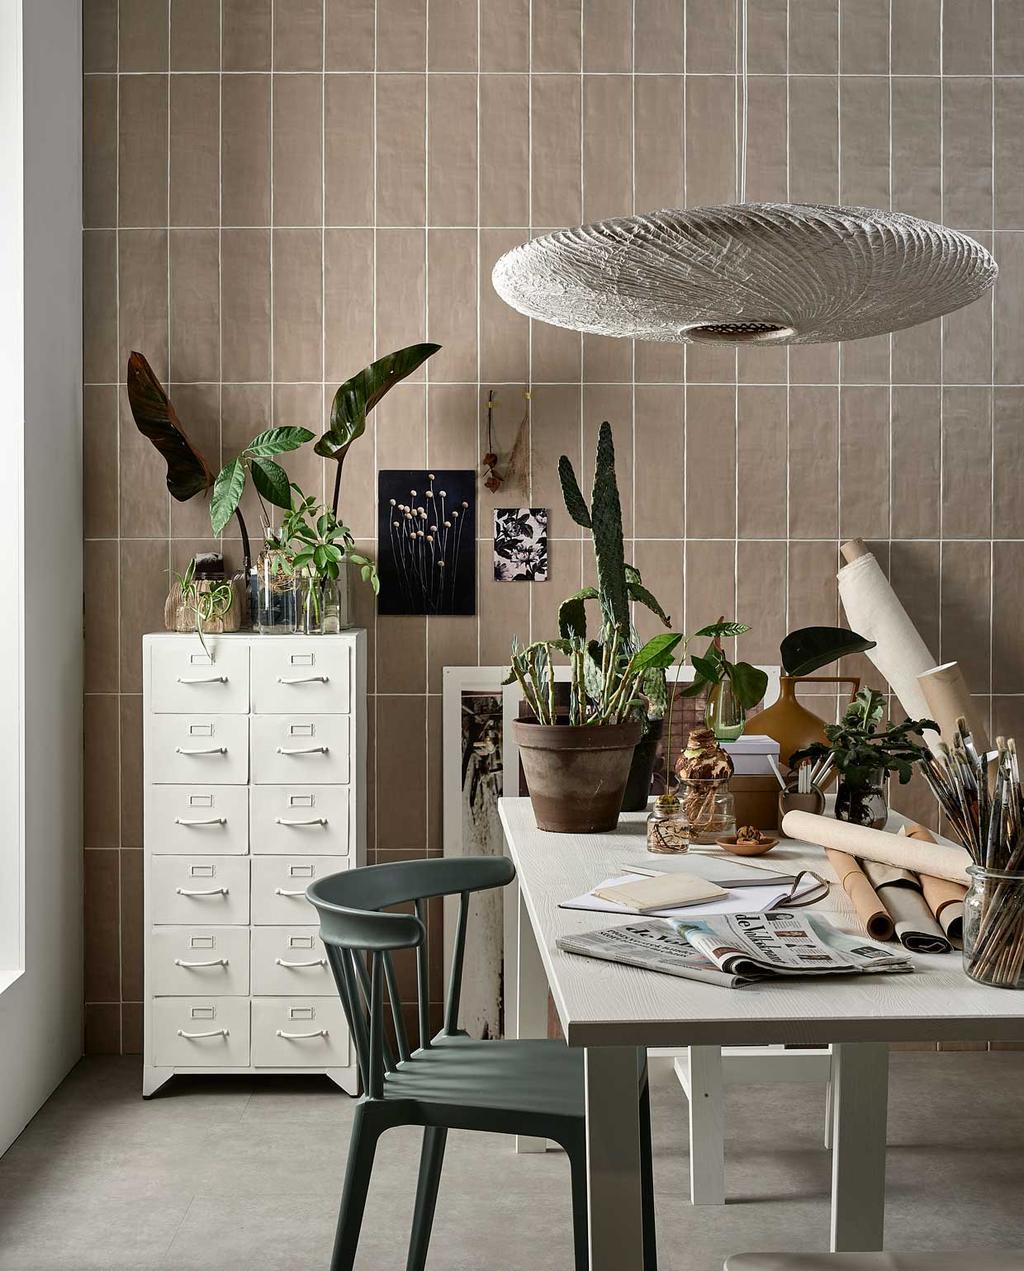 vtwonen 01-2021 | styling natuur in huis groene werkplek